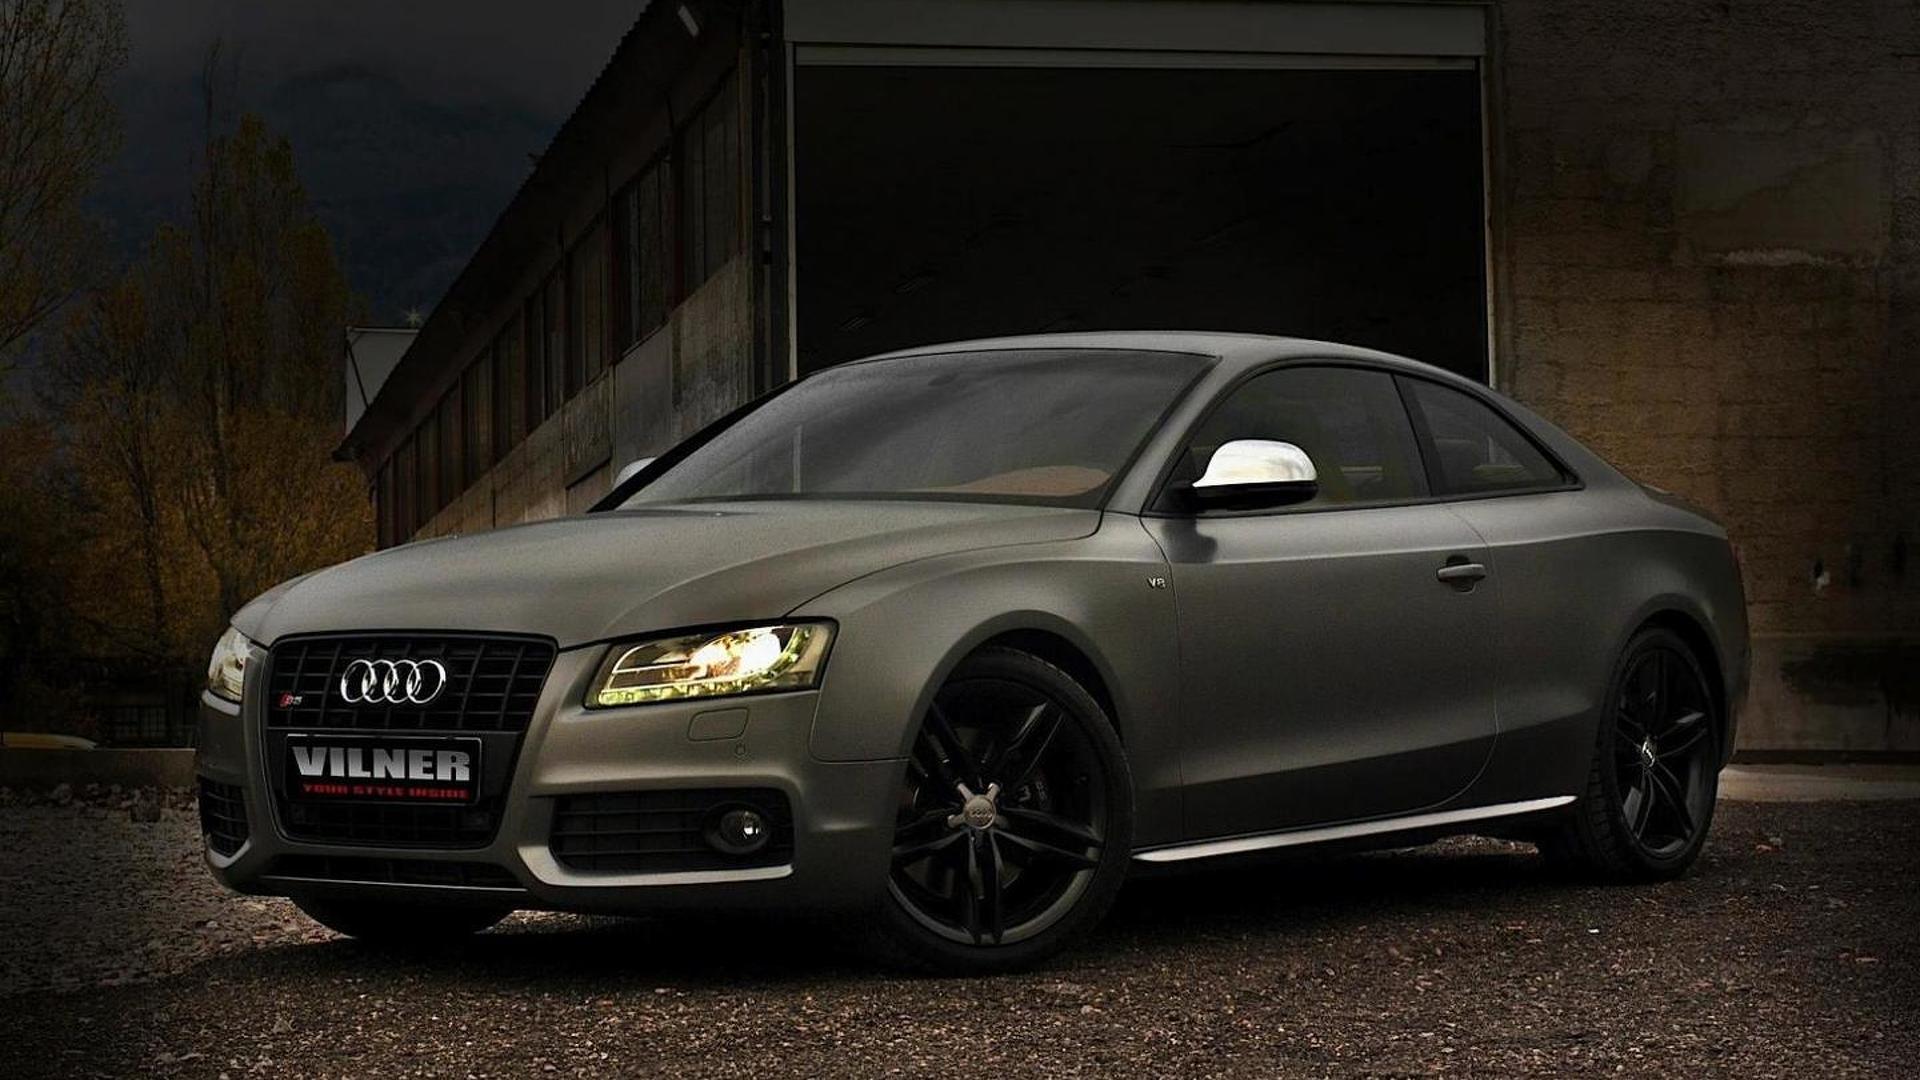 Audi S5 restyled by Vilner